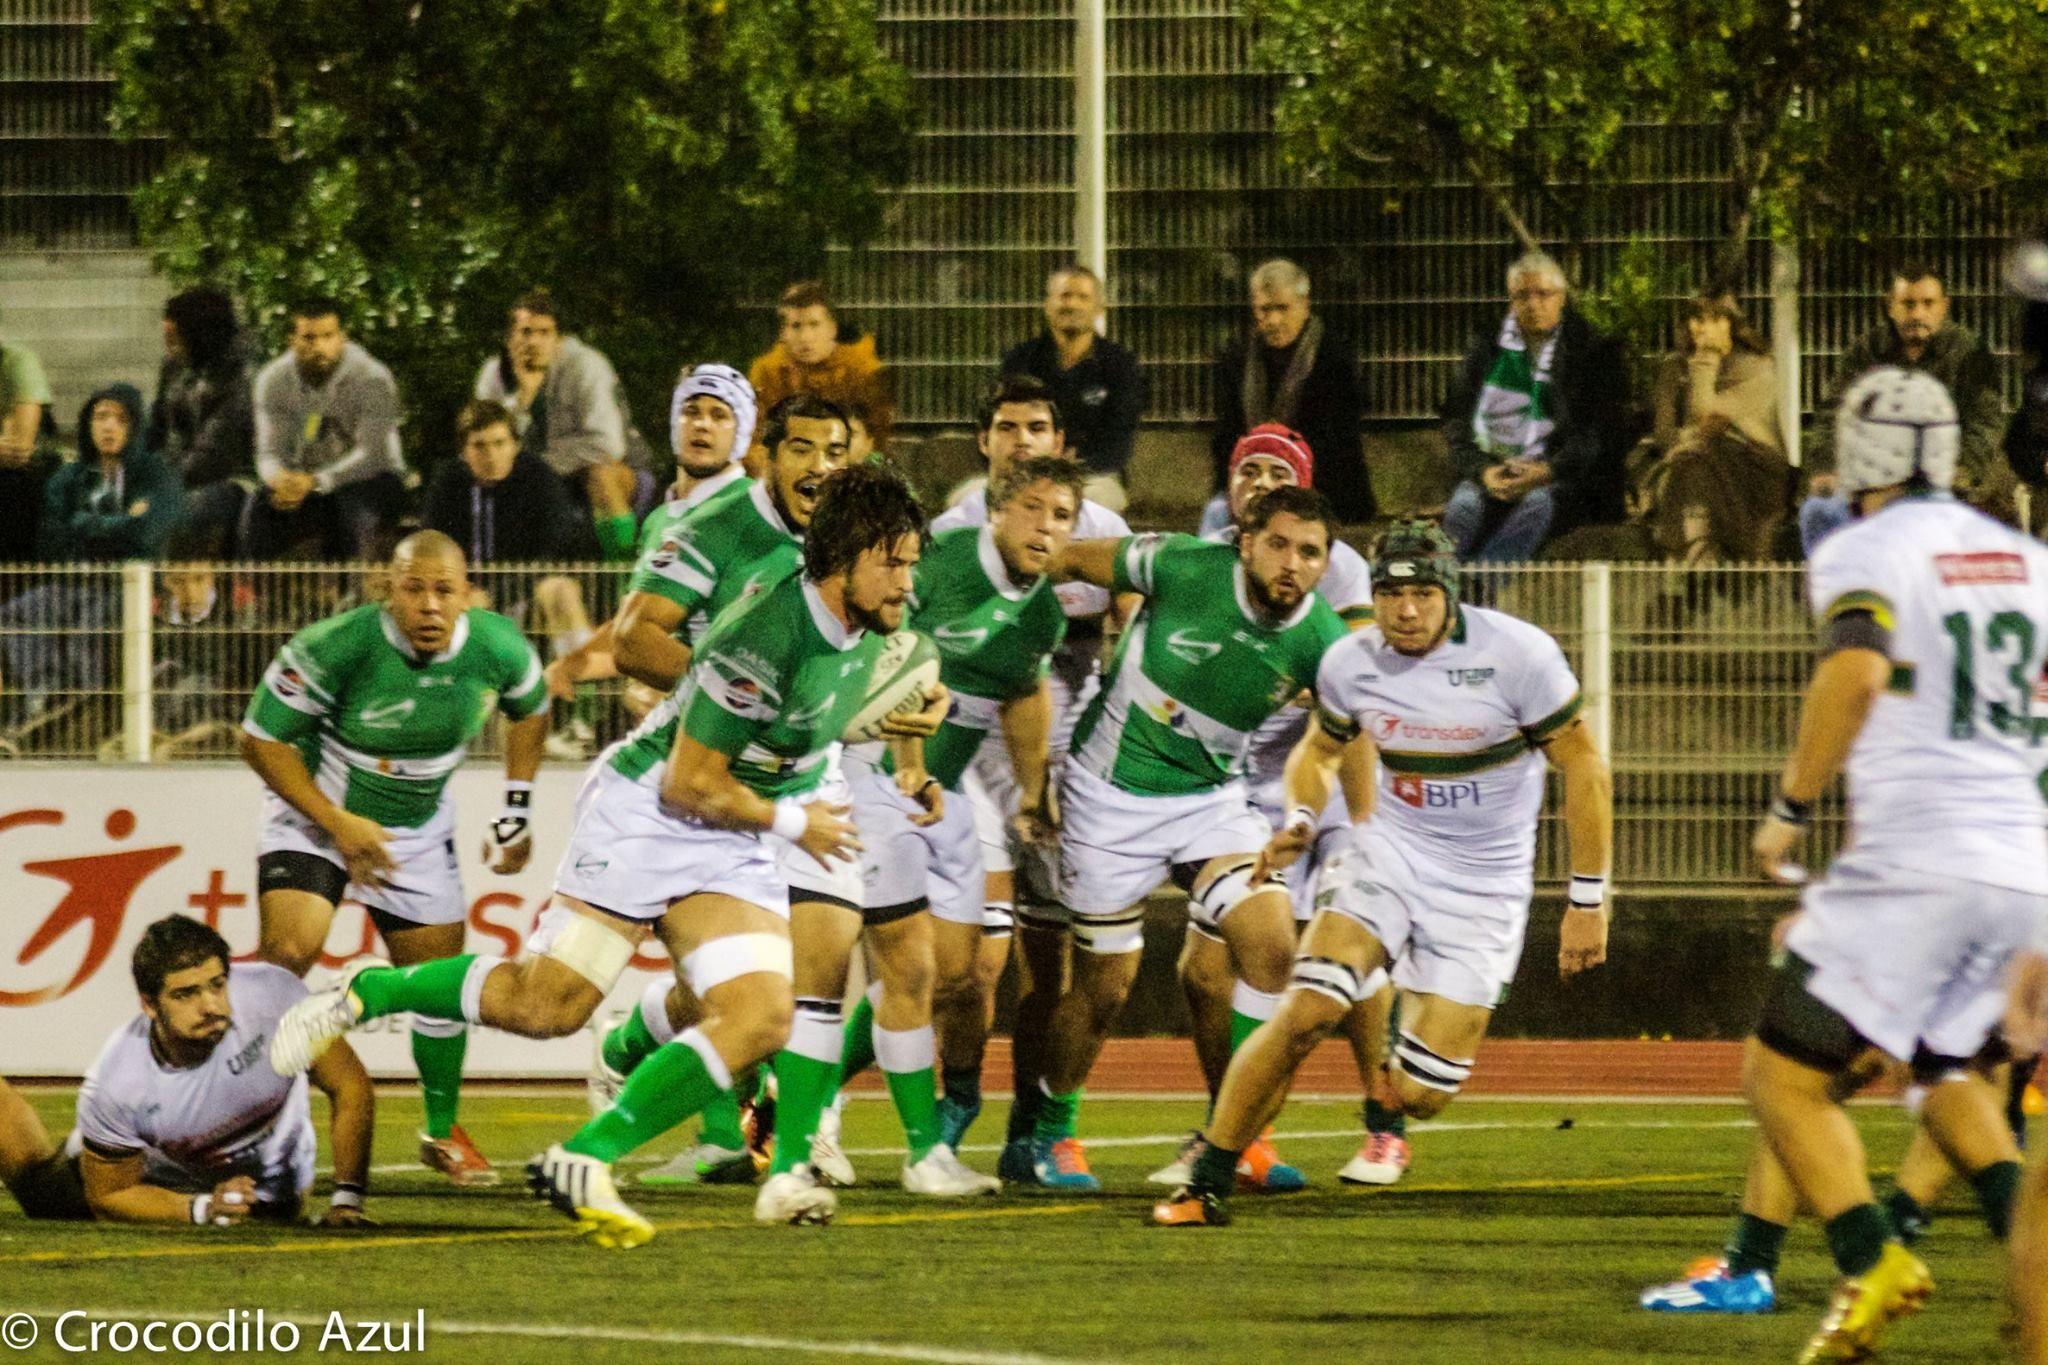 RESULTADOS DO FIM DE SEMANA 05 E 06 DEZEMBRO - Cascais Rugby